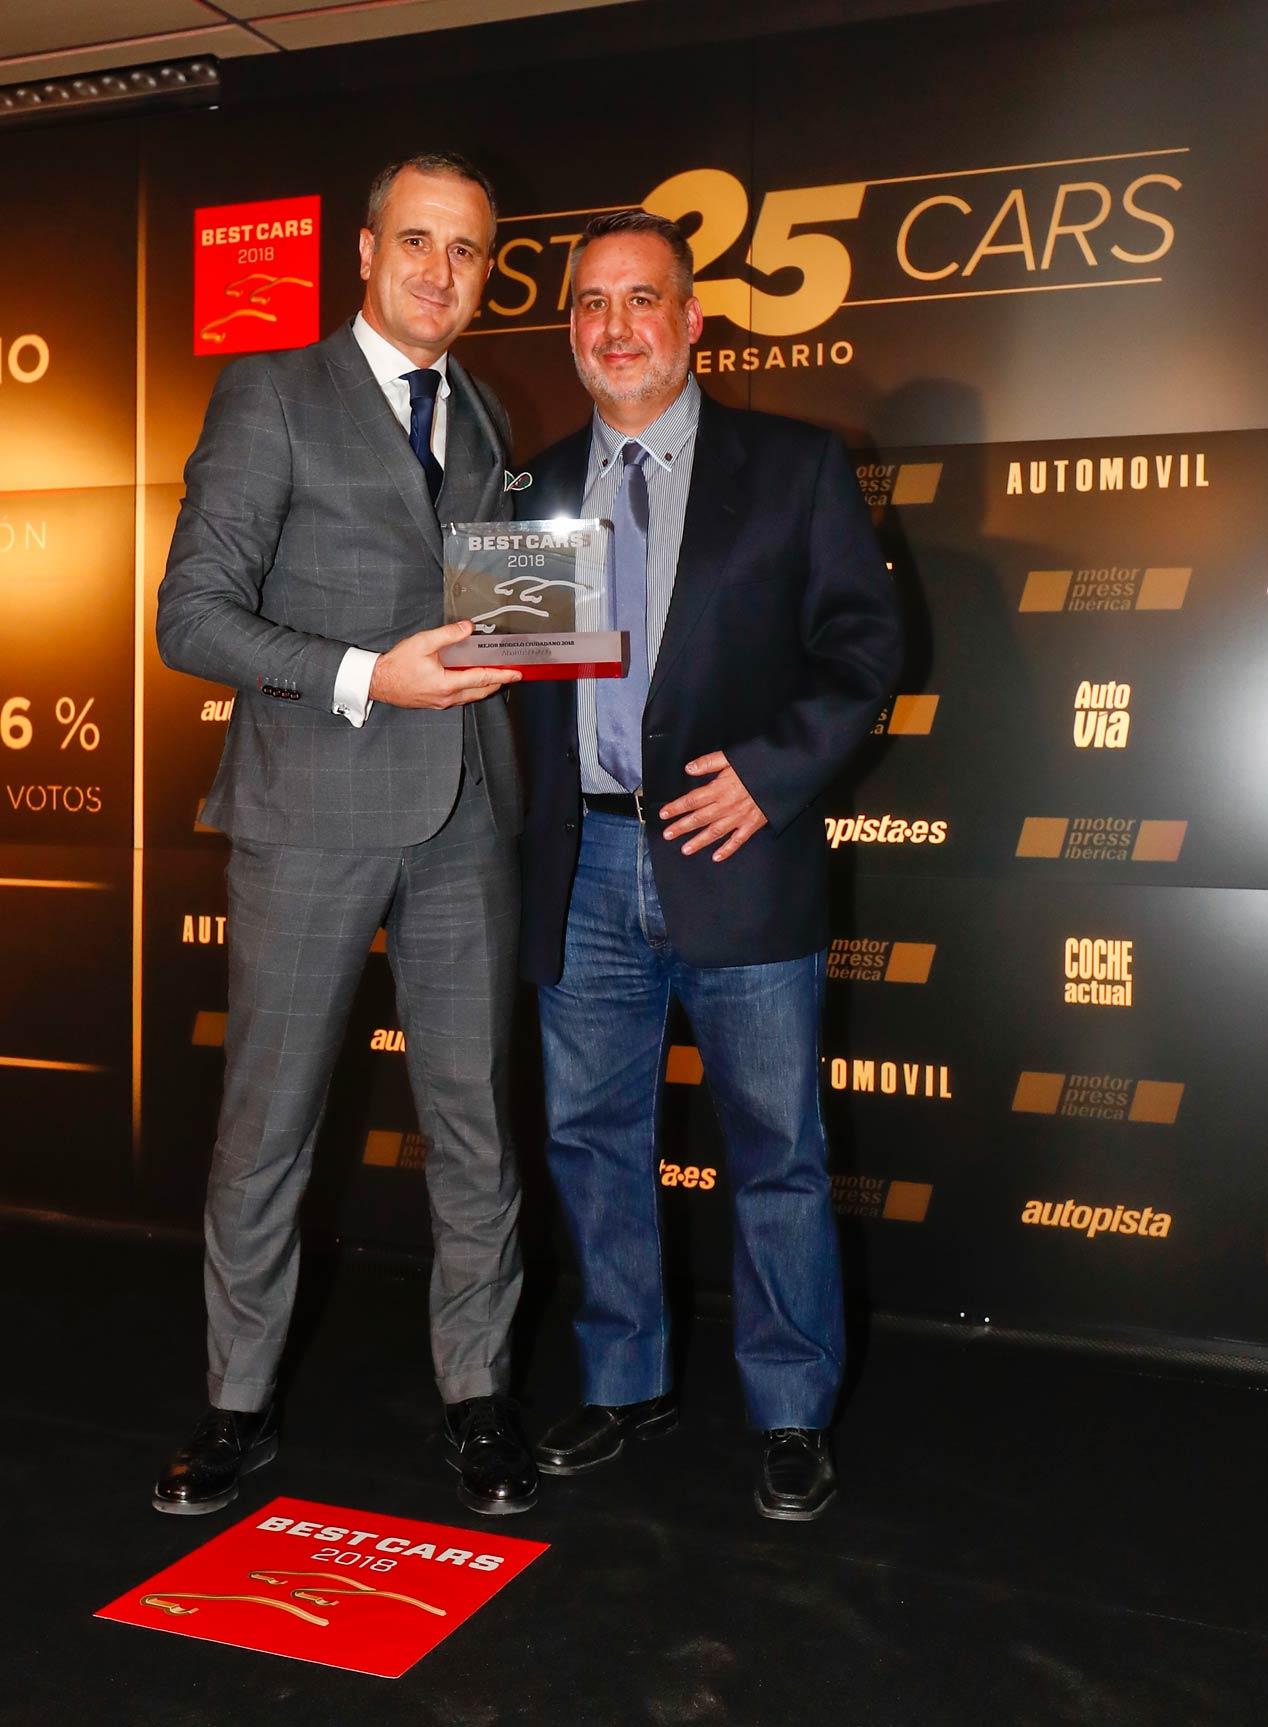 Best Cars 2018: las mejores fotos de la gala y los coches ganadores